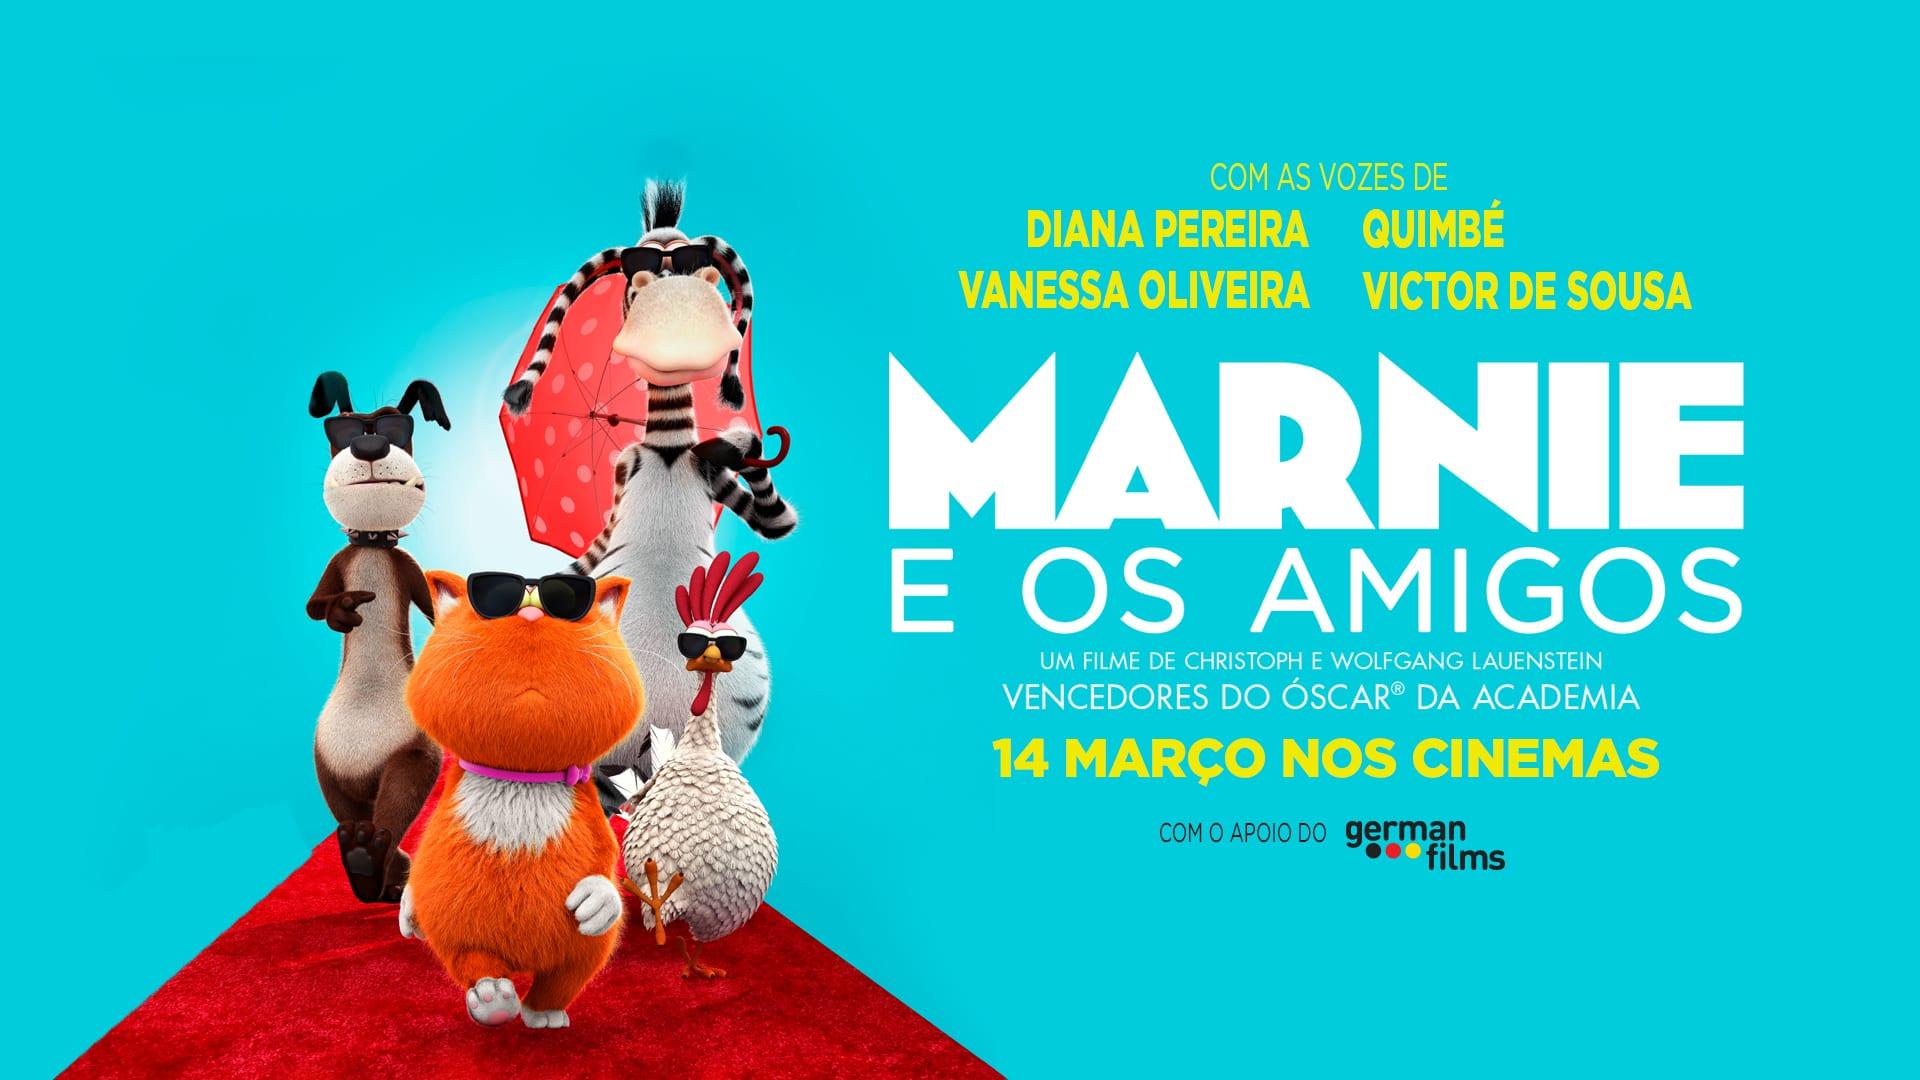 Marnie e os amigos